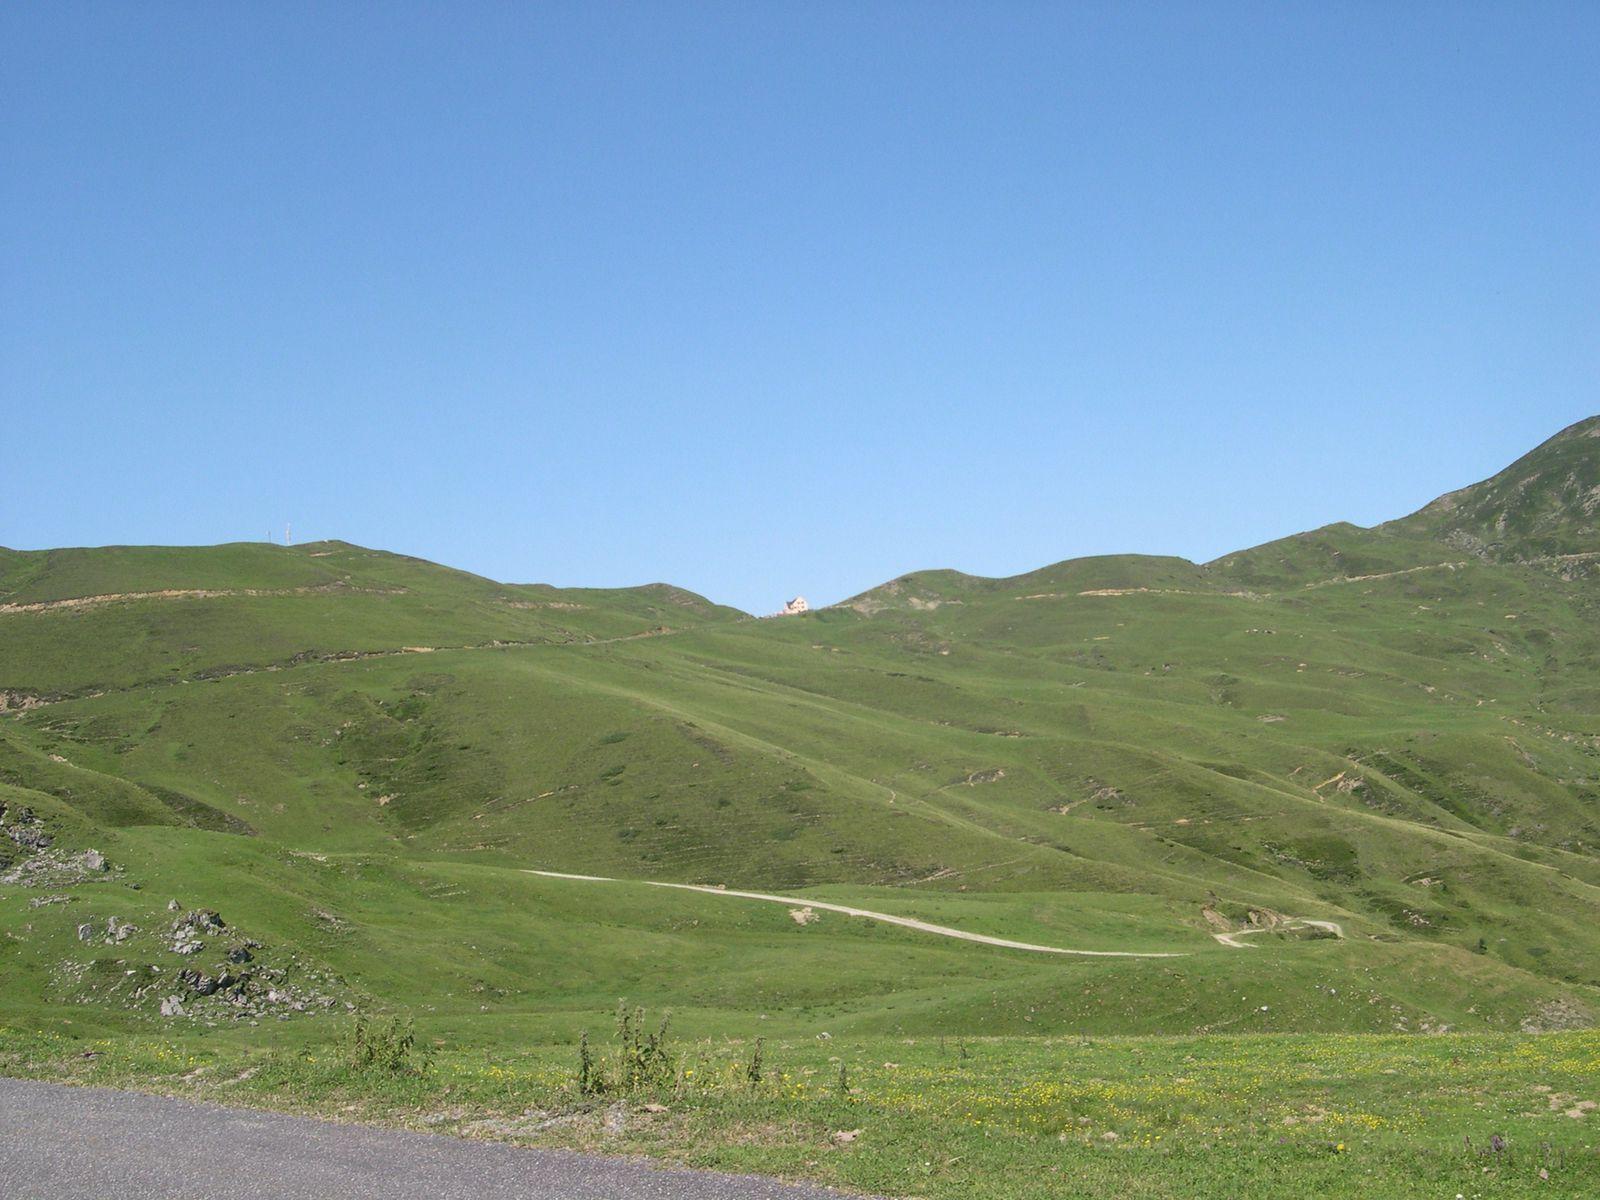 Le col d'Aubisque, vue du côté descente, il est bien plus beau.